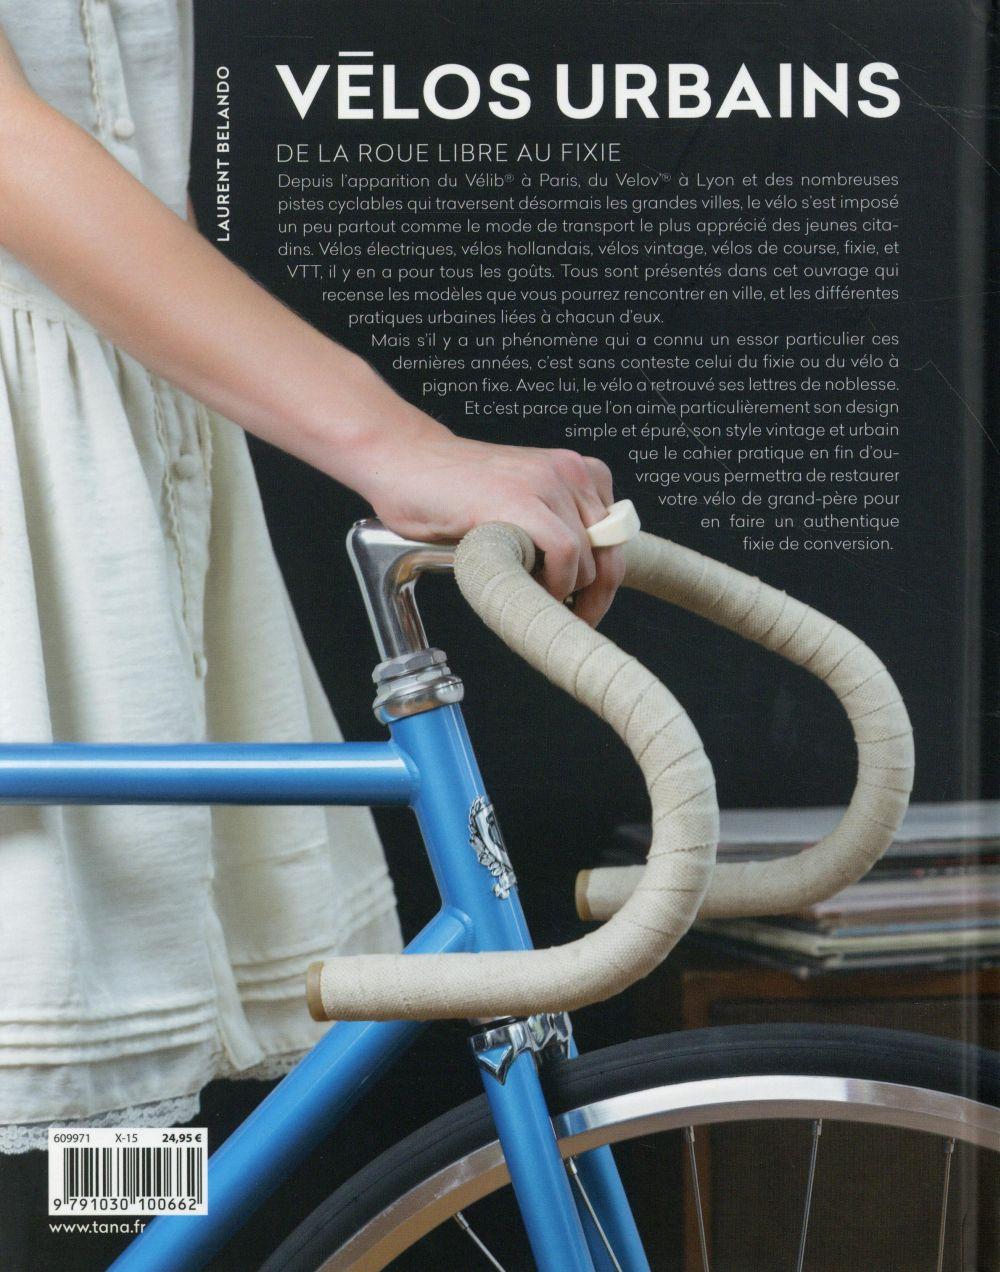 Vélos urbains ; de la roue libre au fixie